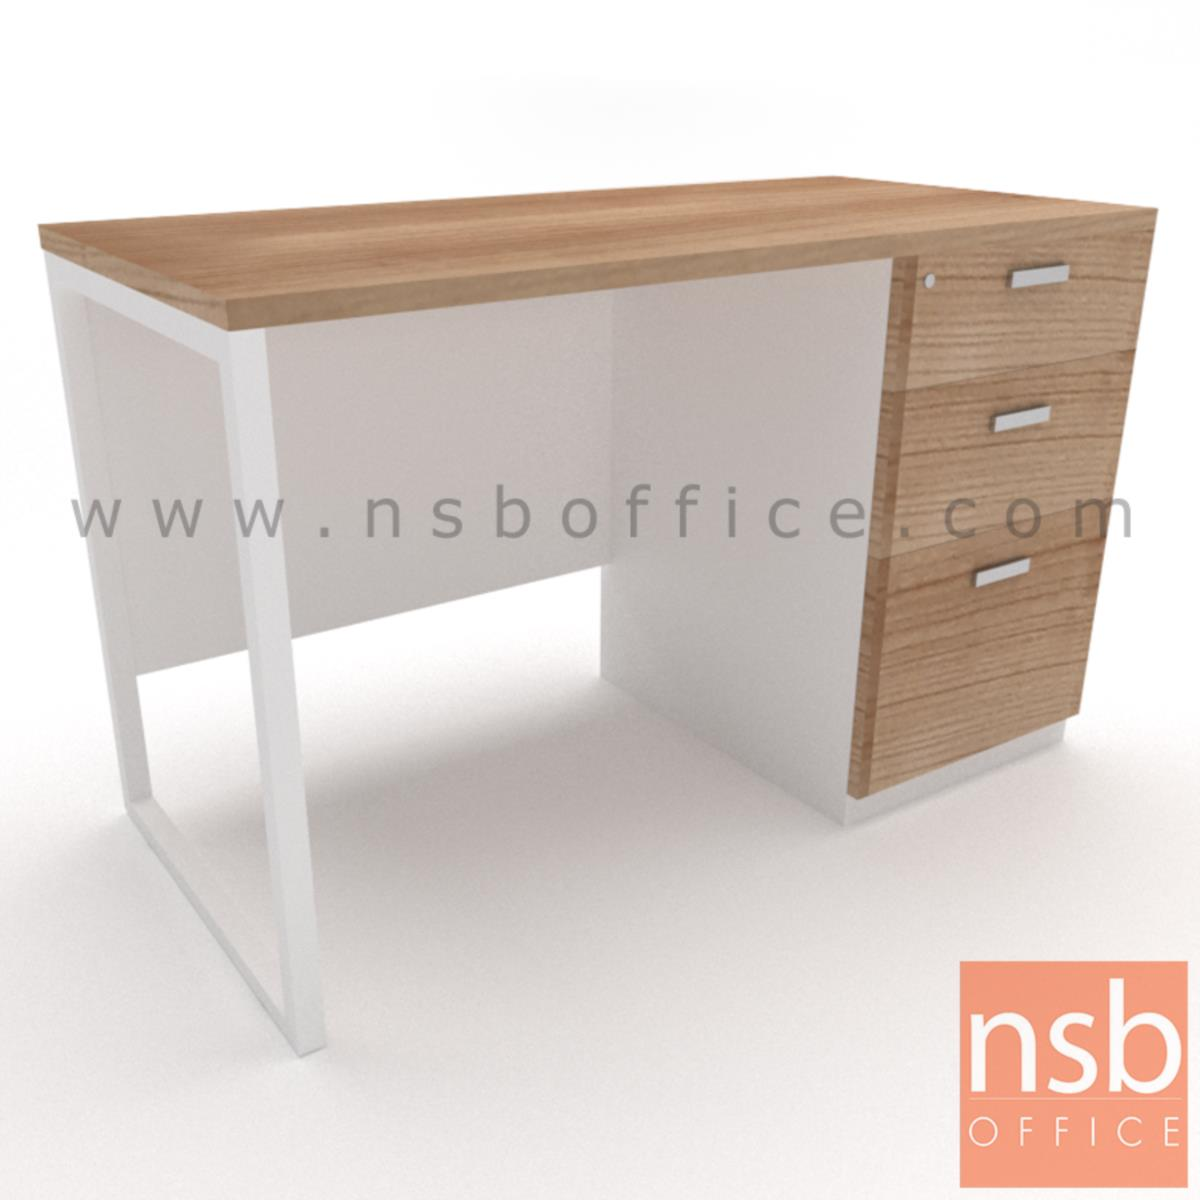 โต๊ะทำงาน 3 ลิ้นชักทึบ  ขนาด 120W ,135W ,150W ,160W ,180W cm.  ขาเหล็กกล่องพ่นสี